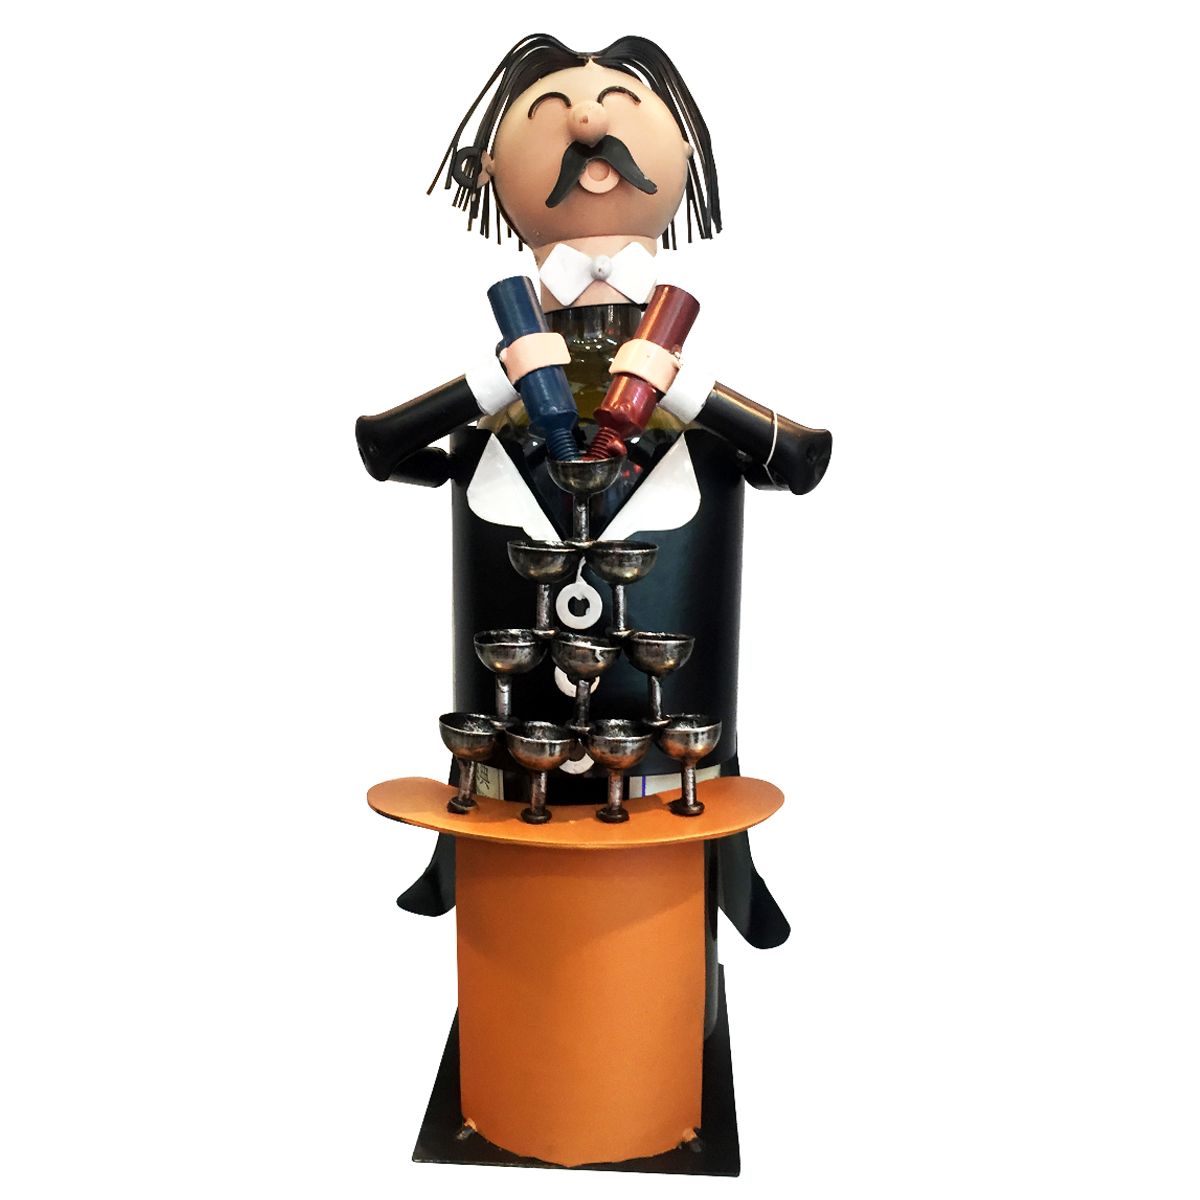 Porte-bouteille \'Sculpture métal\' orange noir (Barman) - 255x165 cm - [R0498]